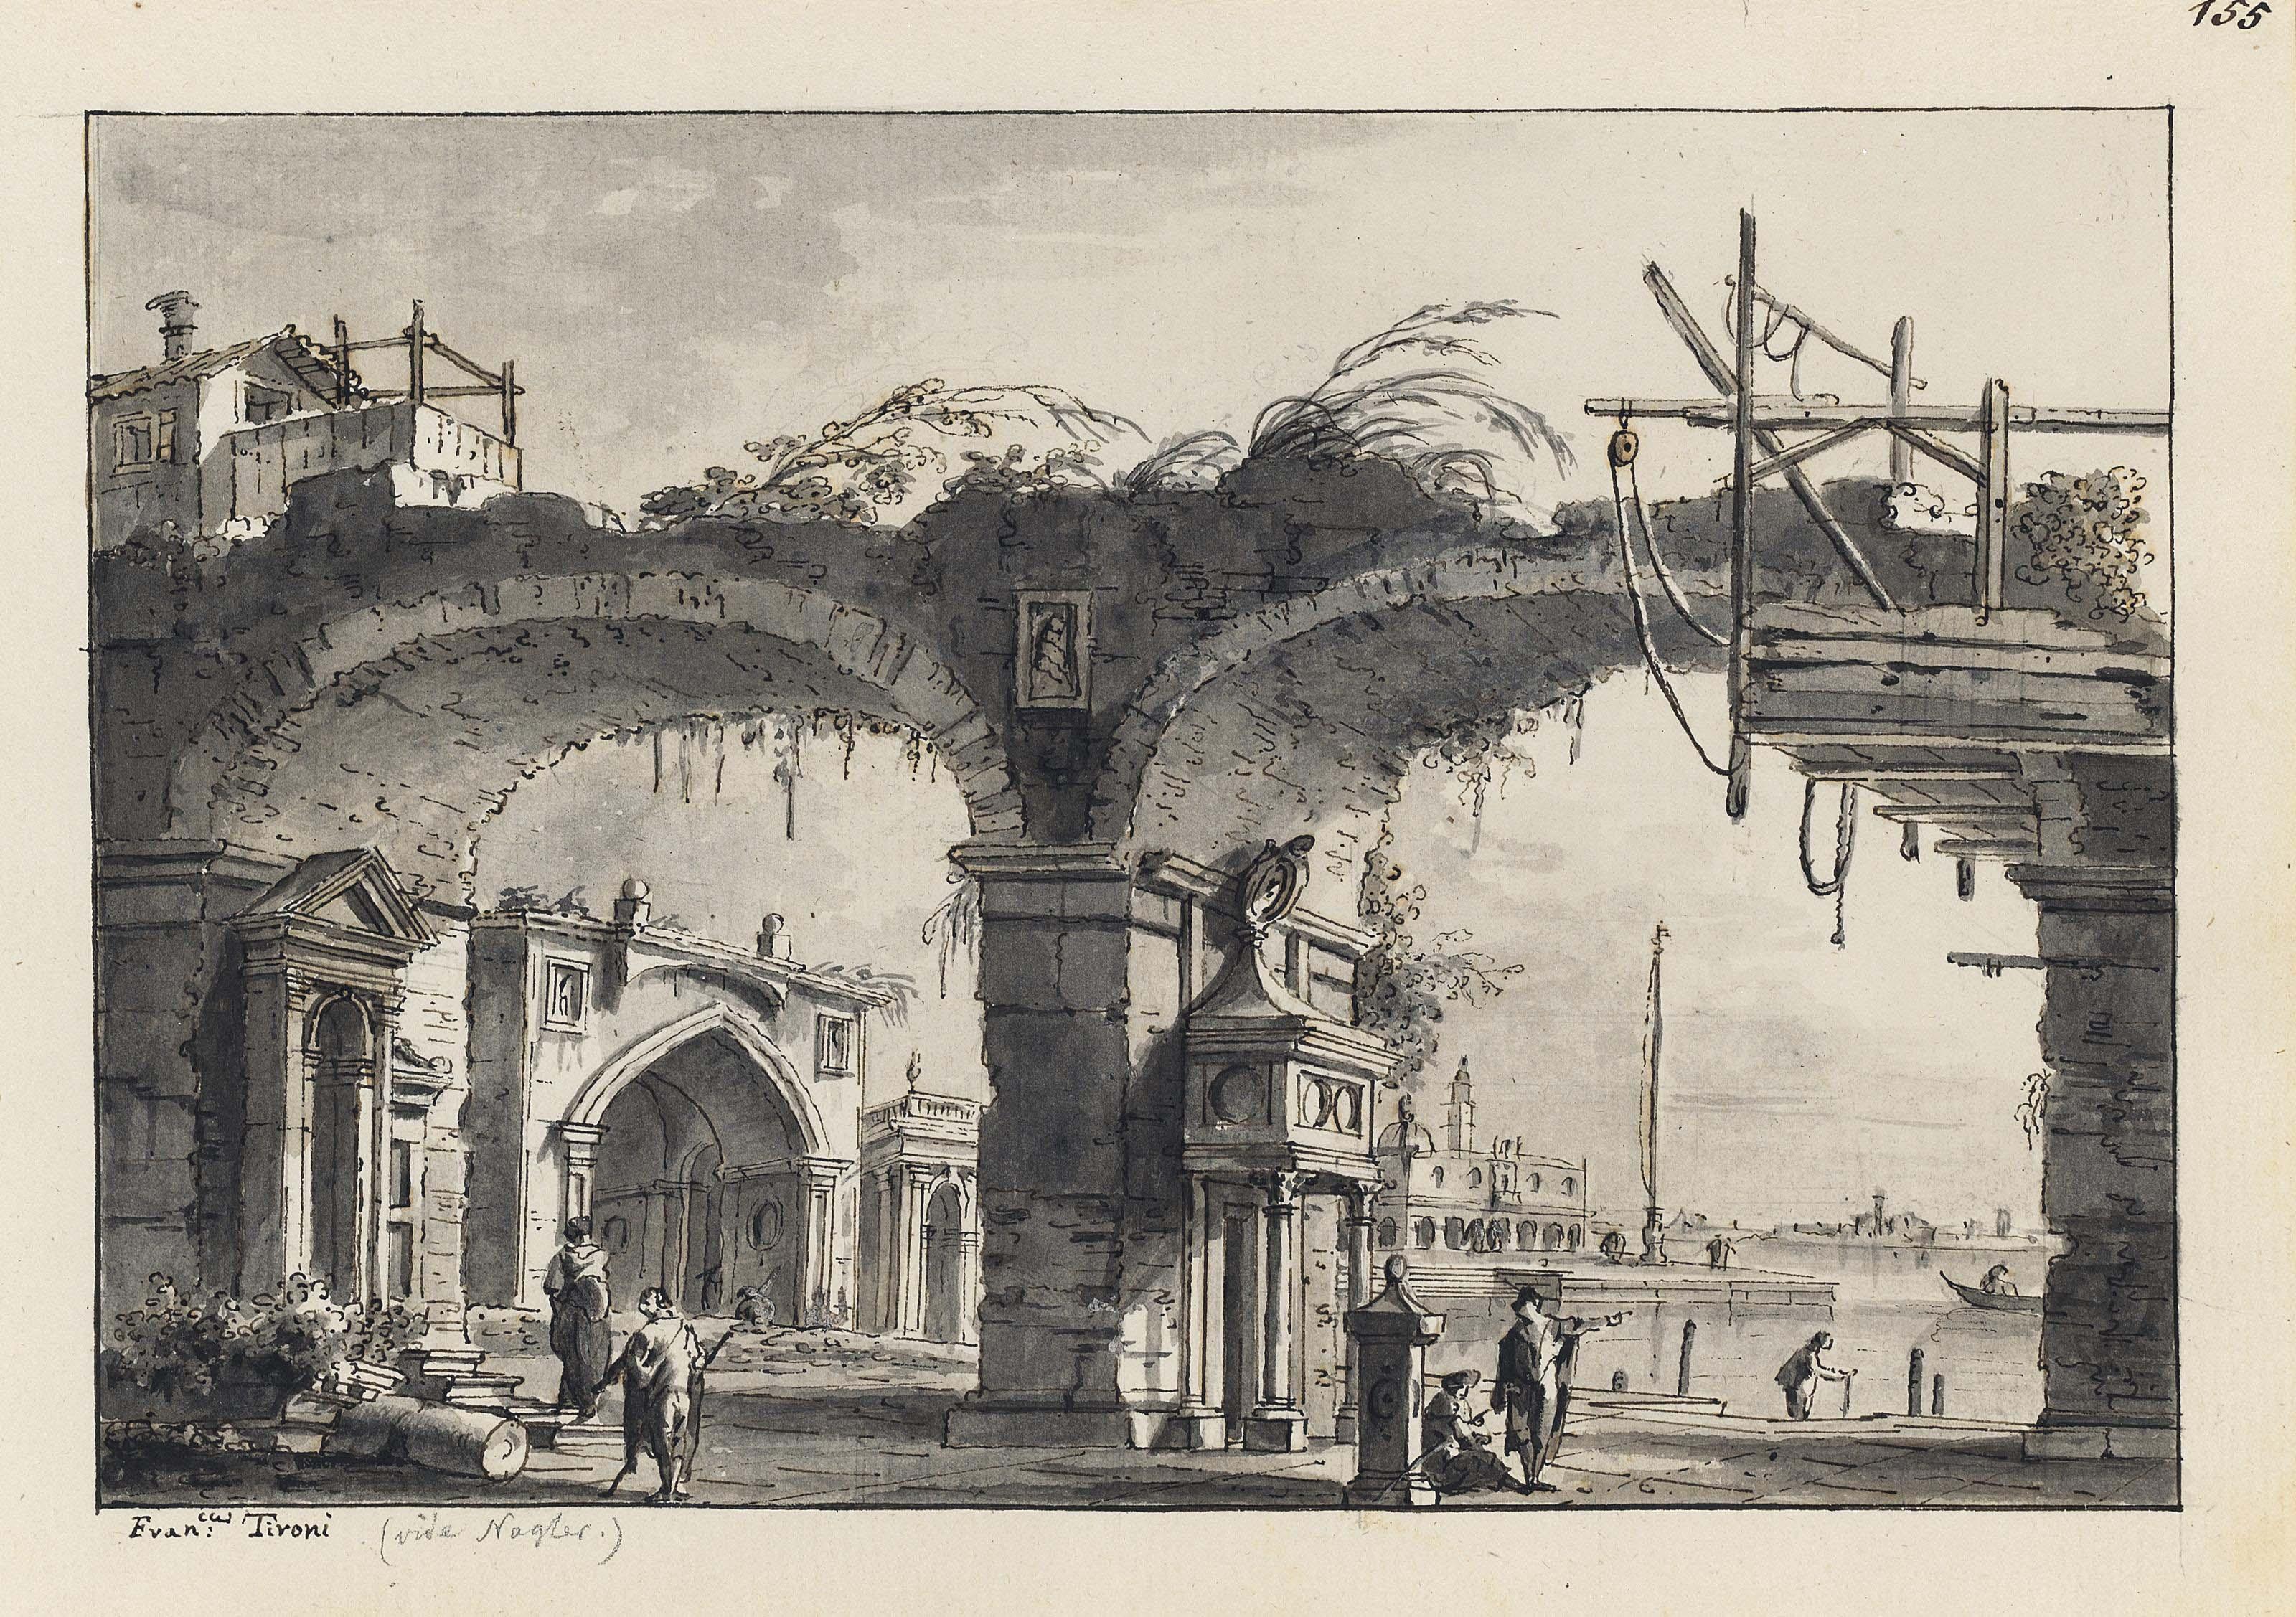 Francesco Tironi (Venice 1745-1800)